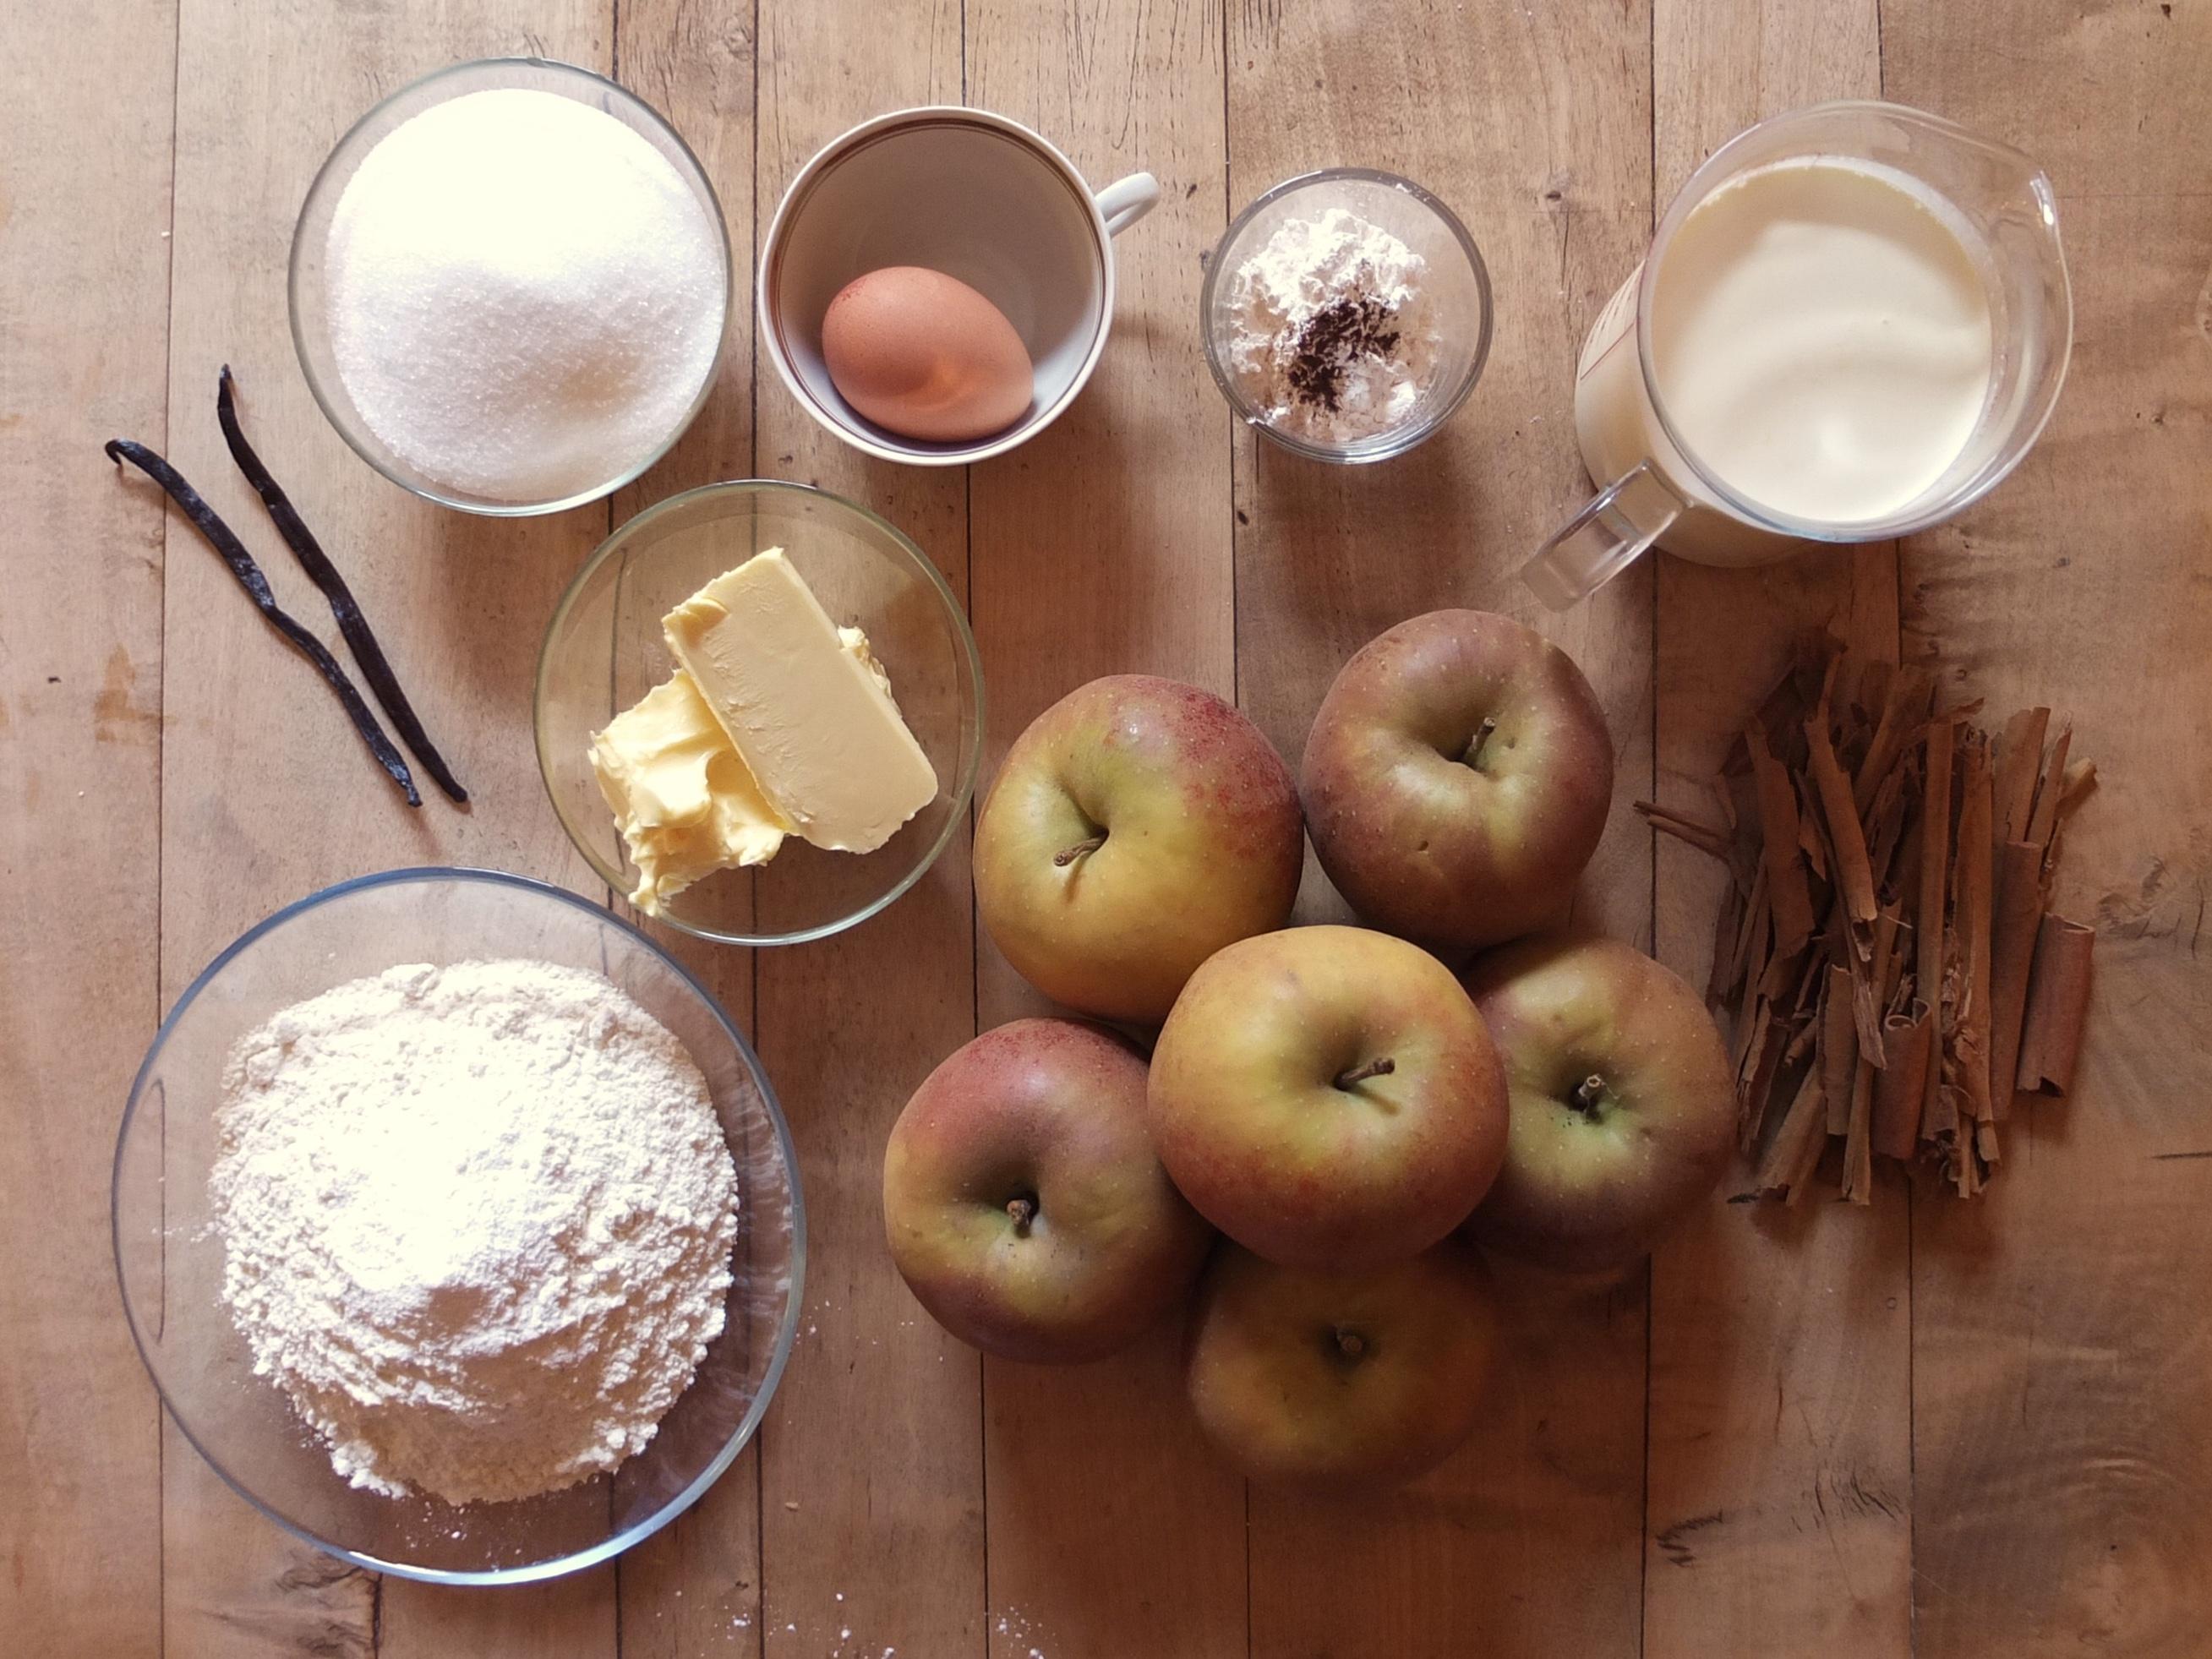 Zutaten für Bratapfelkuchen | La Crema Adventskalender - La Crema Patisserie Food- und Backblog